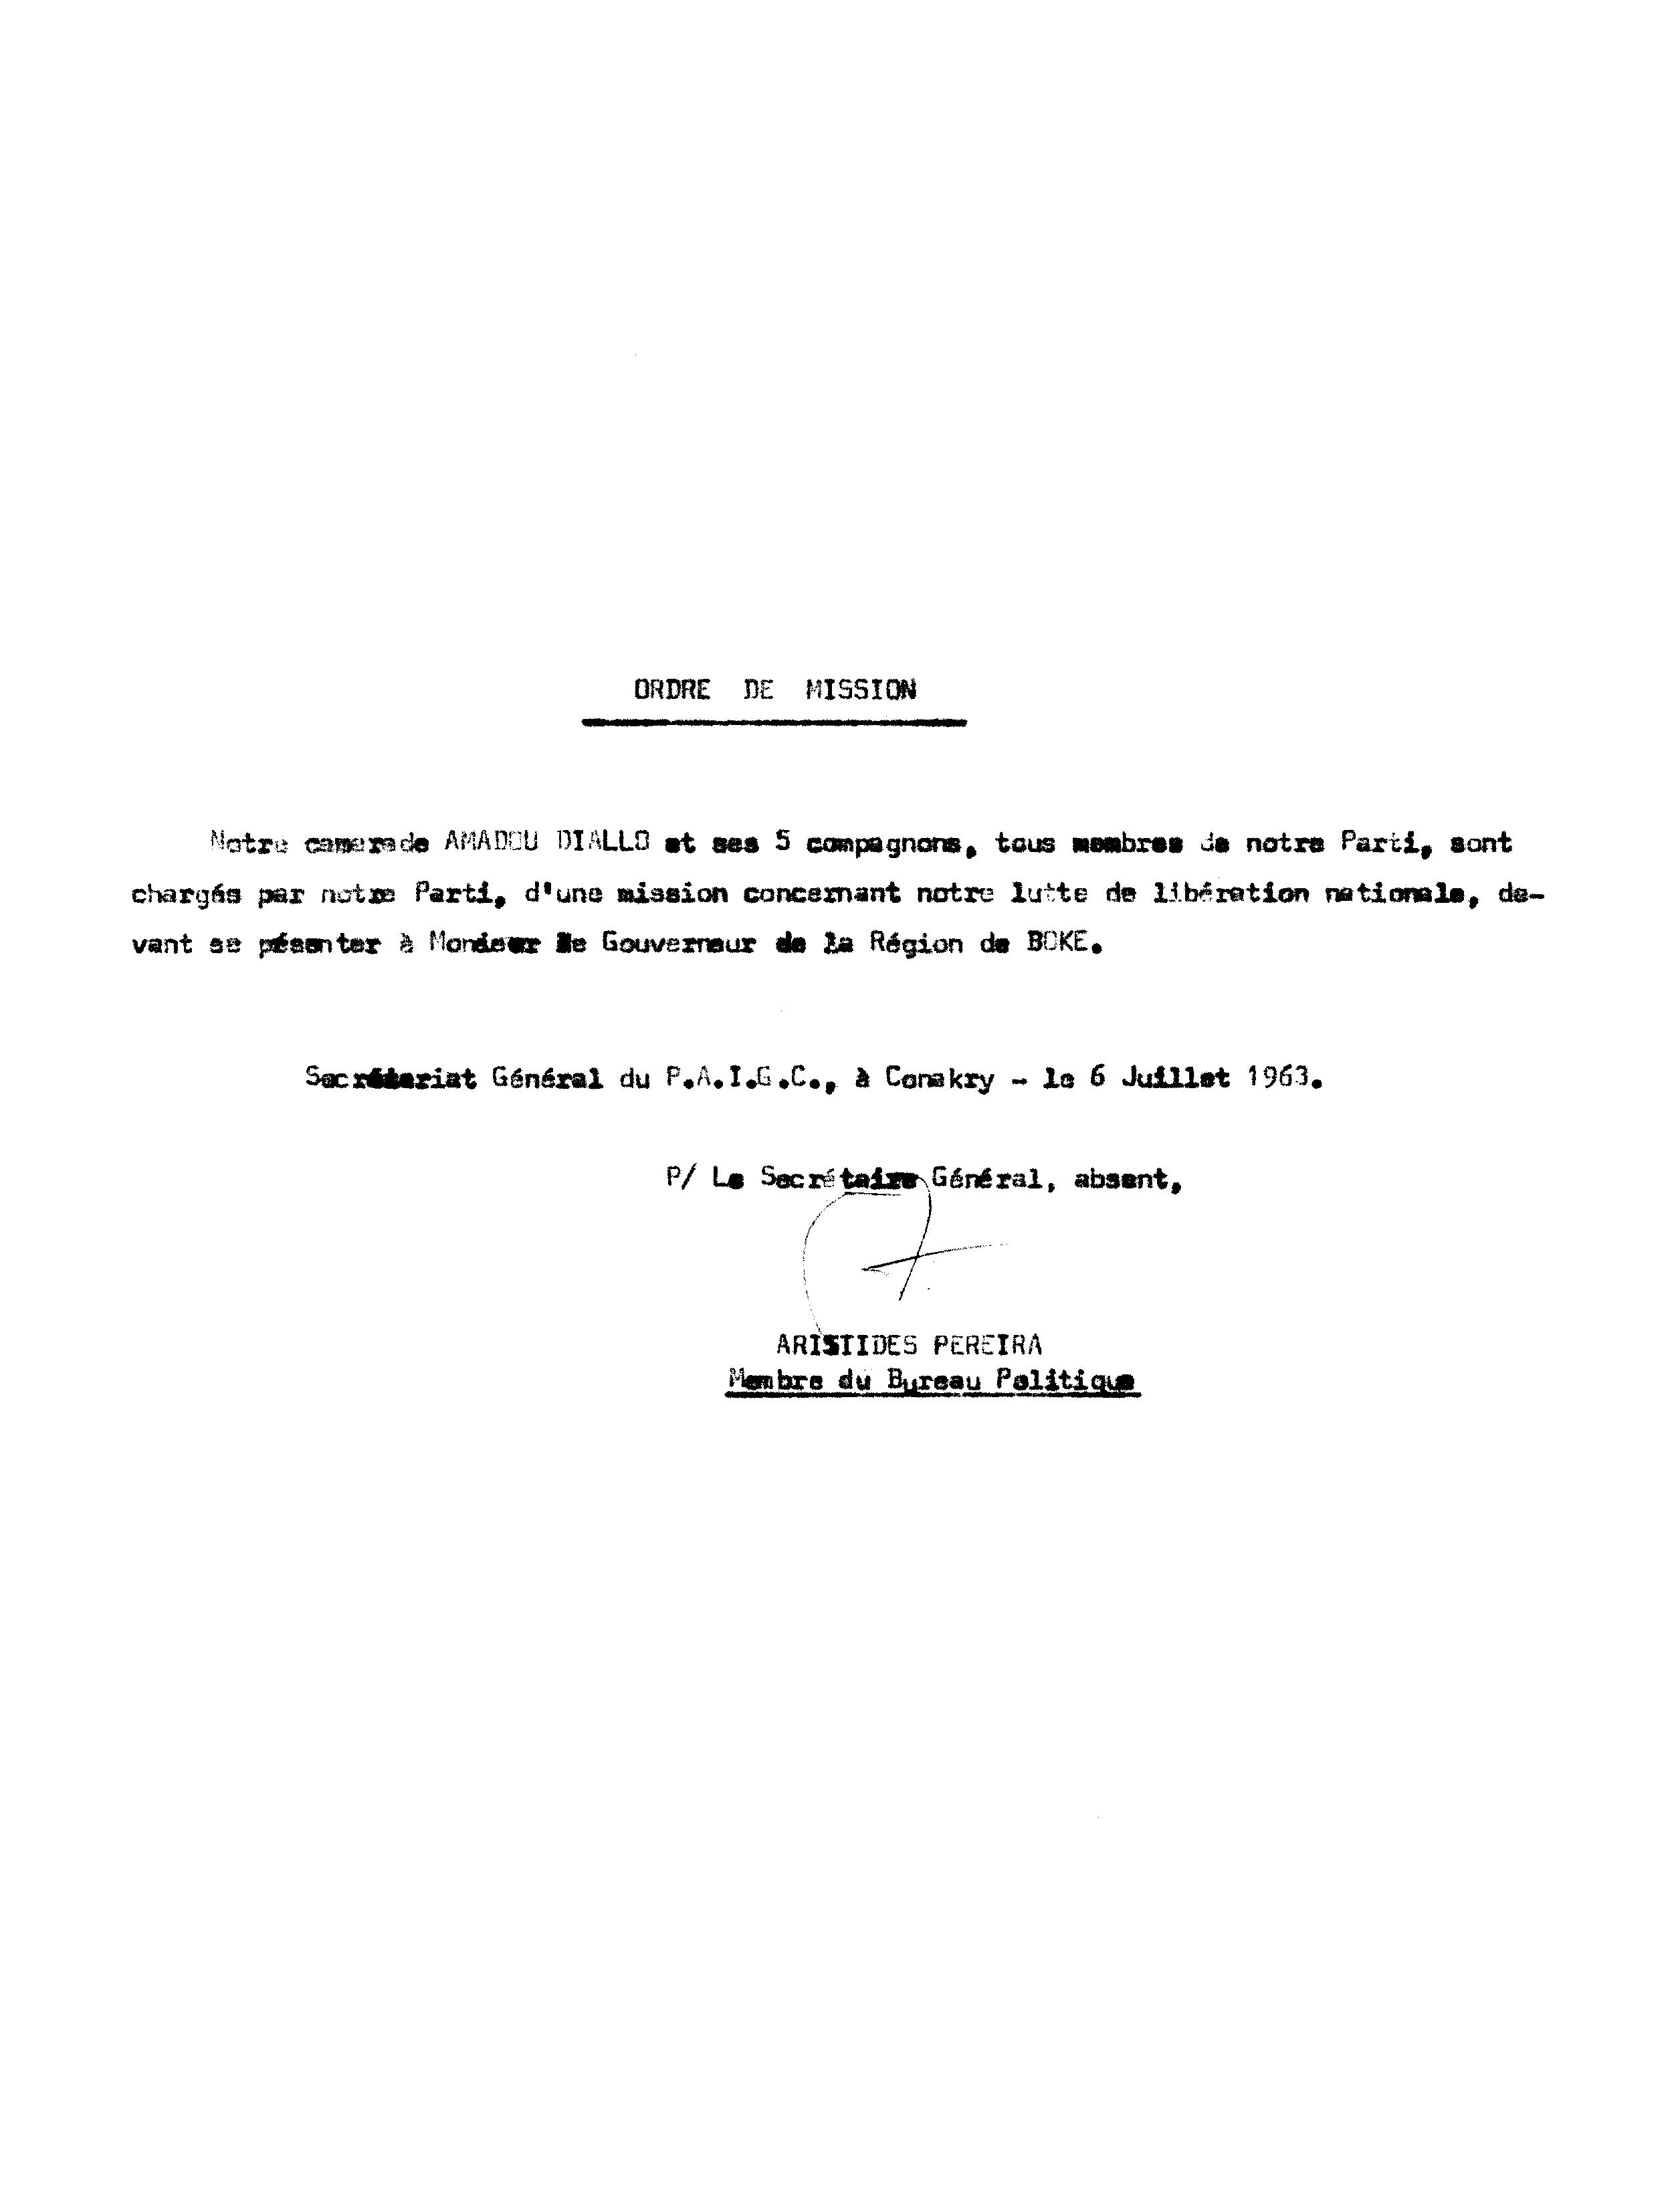 07067.093.049- pag.1